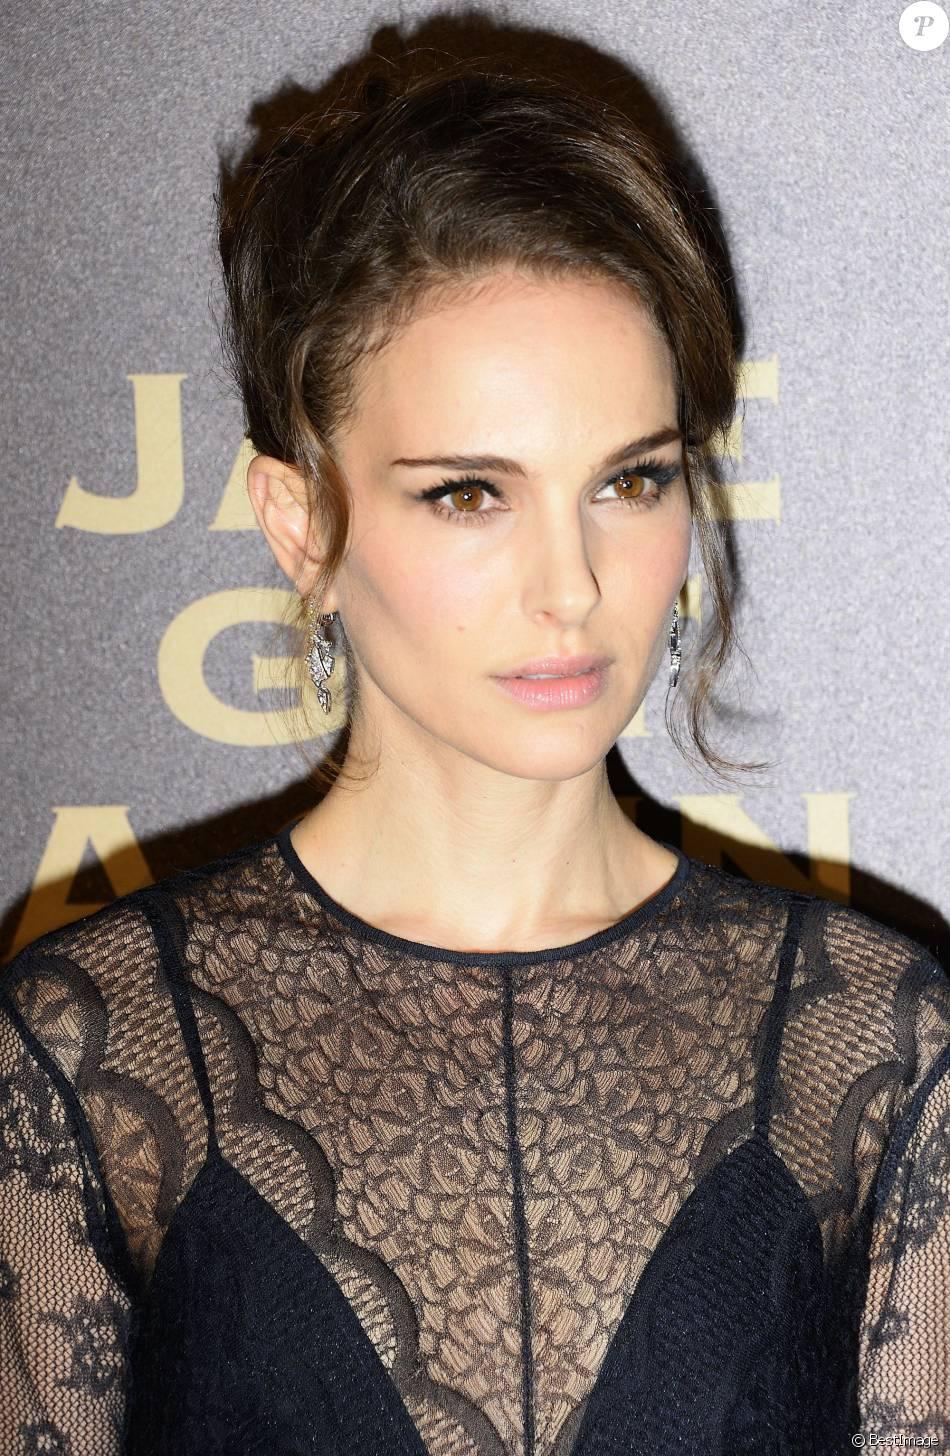 """Natalie Portman - Avant première du film """"Jane got a gun"""" au cinéma UGC Normandie à Paris le 24 janvier 2016."""